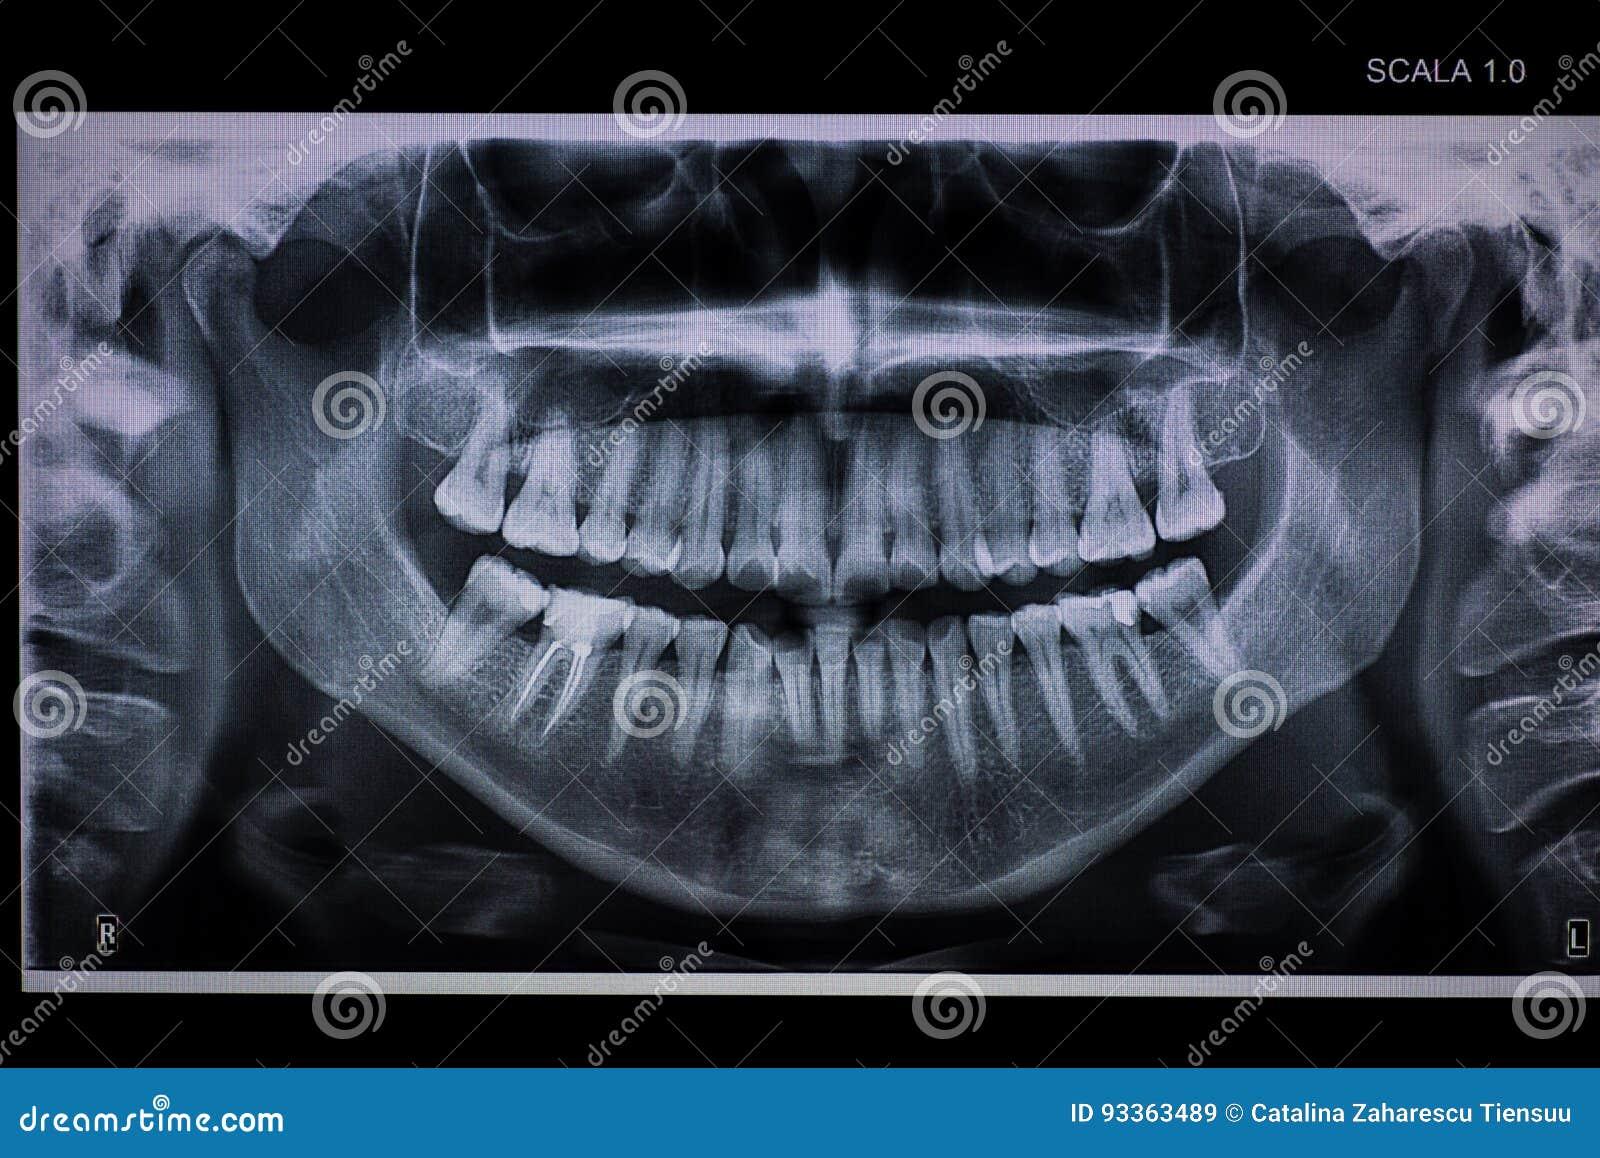 Radiografía Dental Panorámica Con Una Endodoncia Imagen de archivo ...